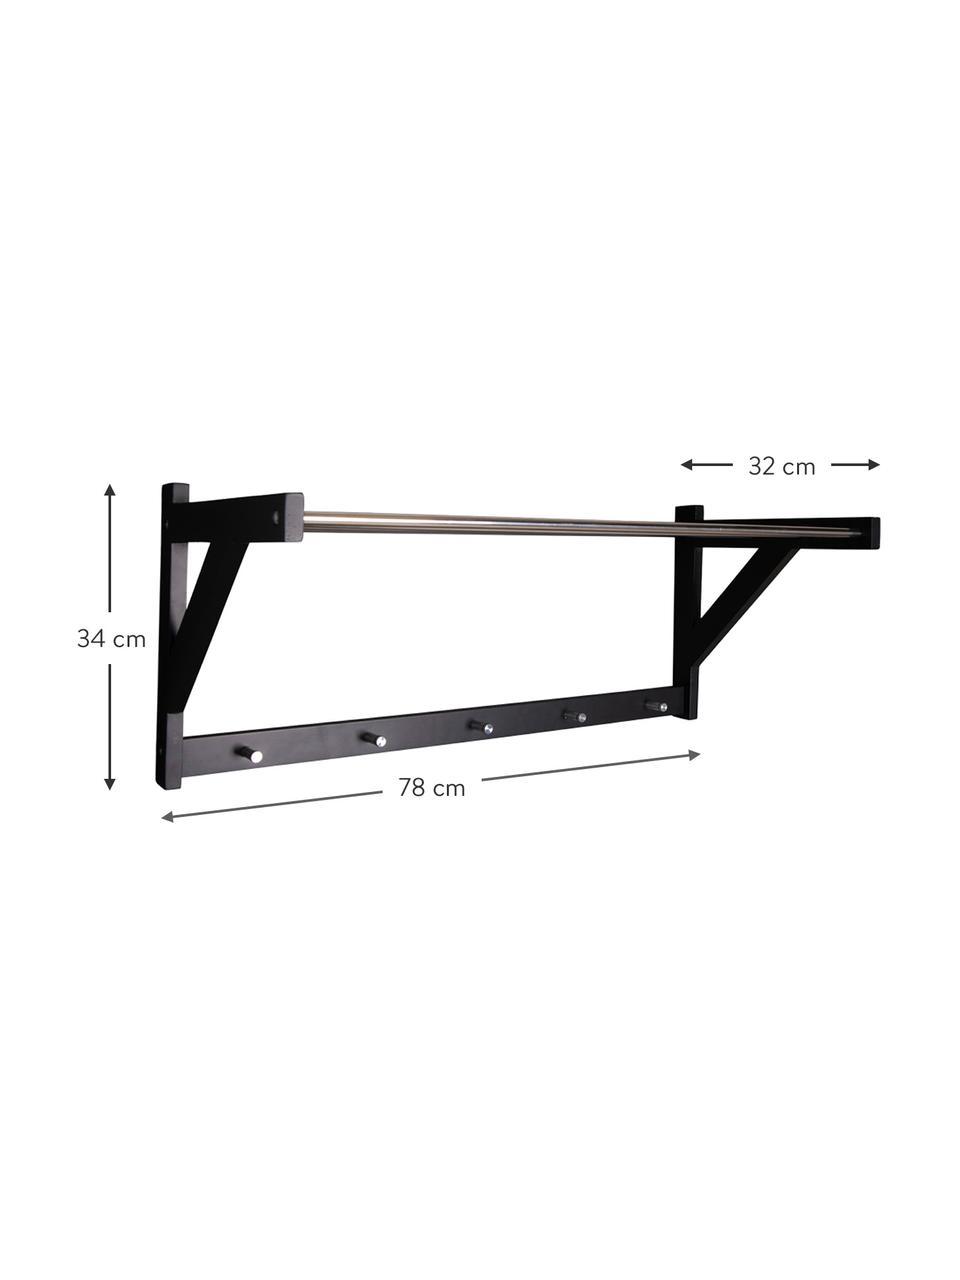 Wandgarderobe Padova aus Metall und Holz, Gestell: Pappelholz, Stangen: Stahl, Schwarz, Stahl, 78 x 34 cm